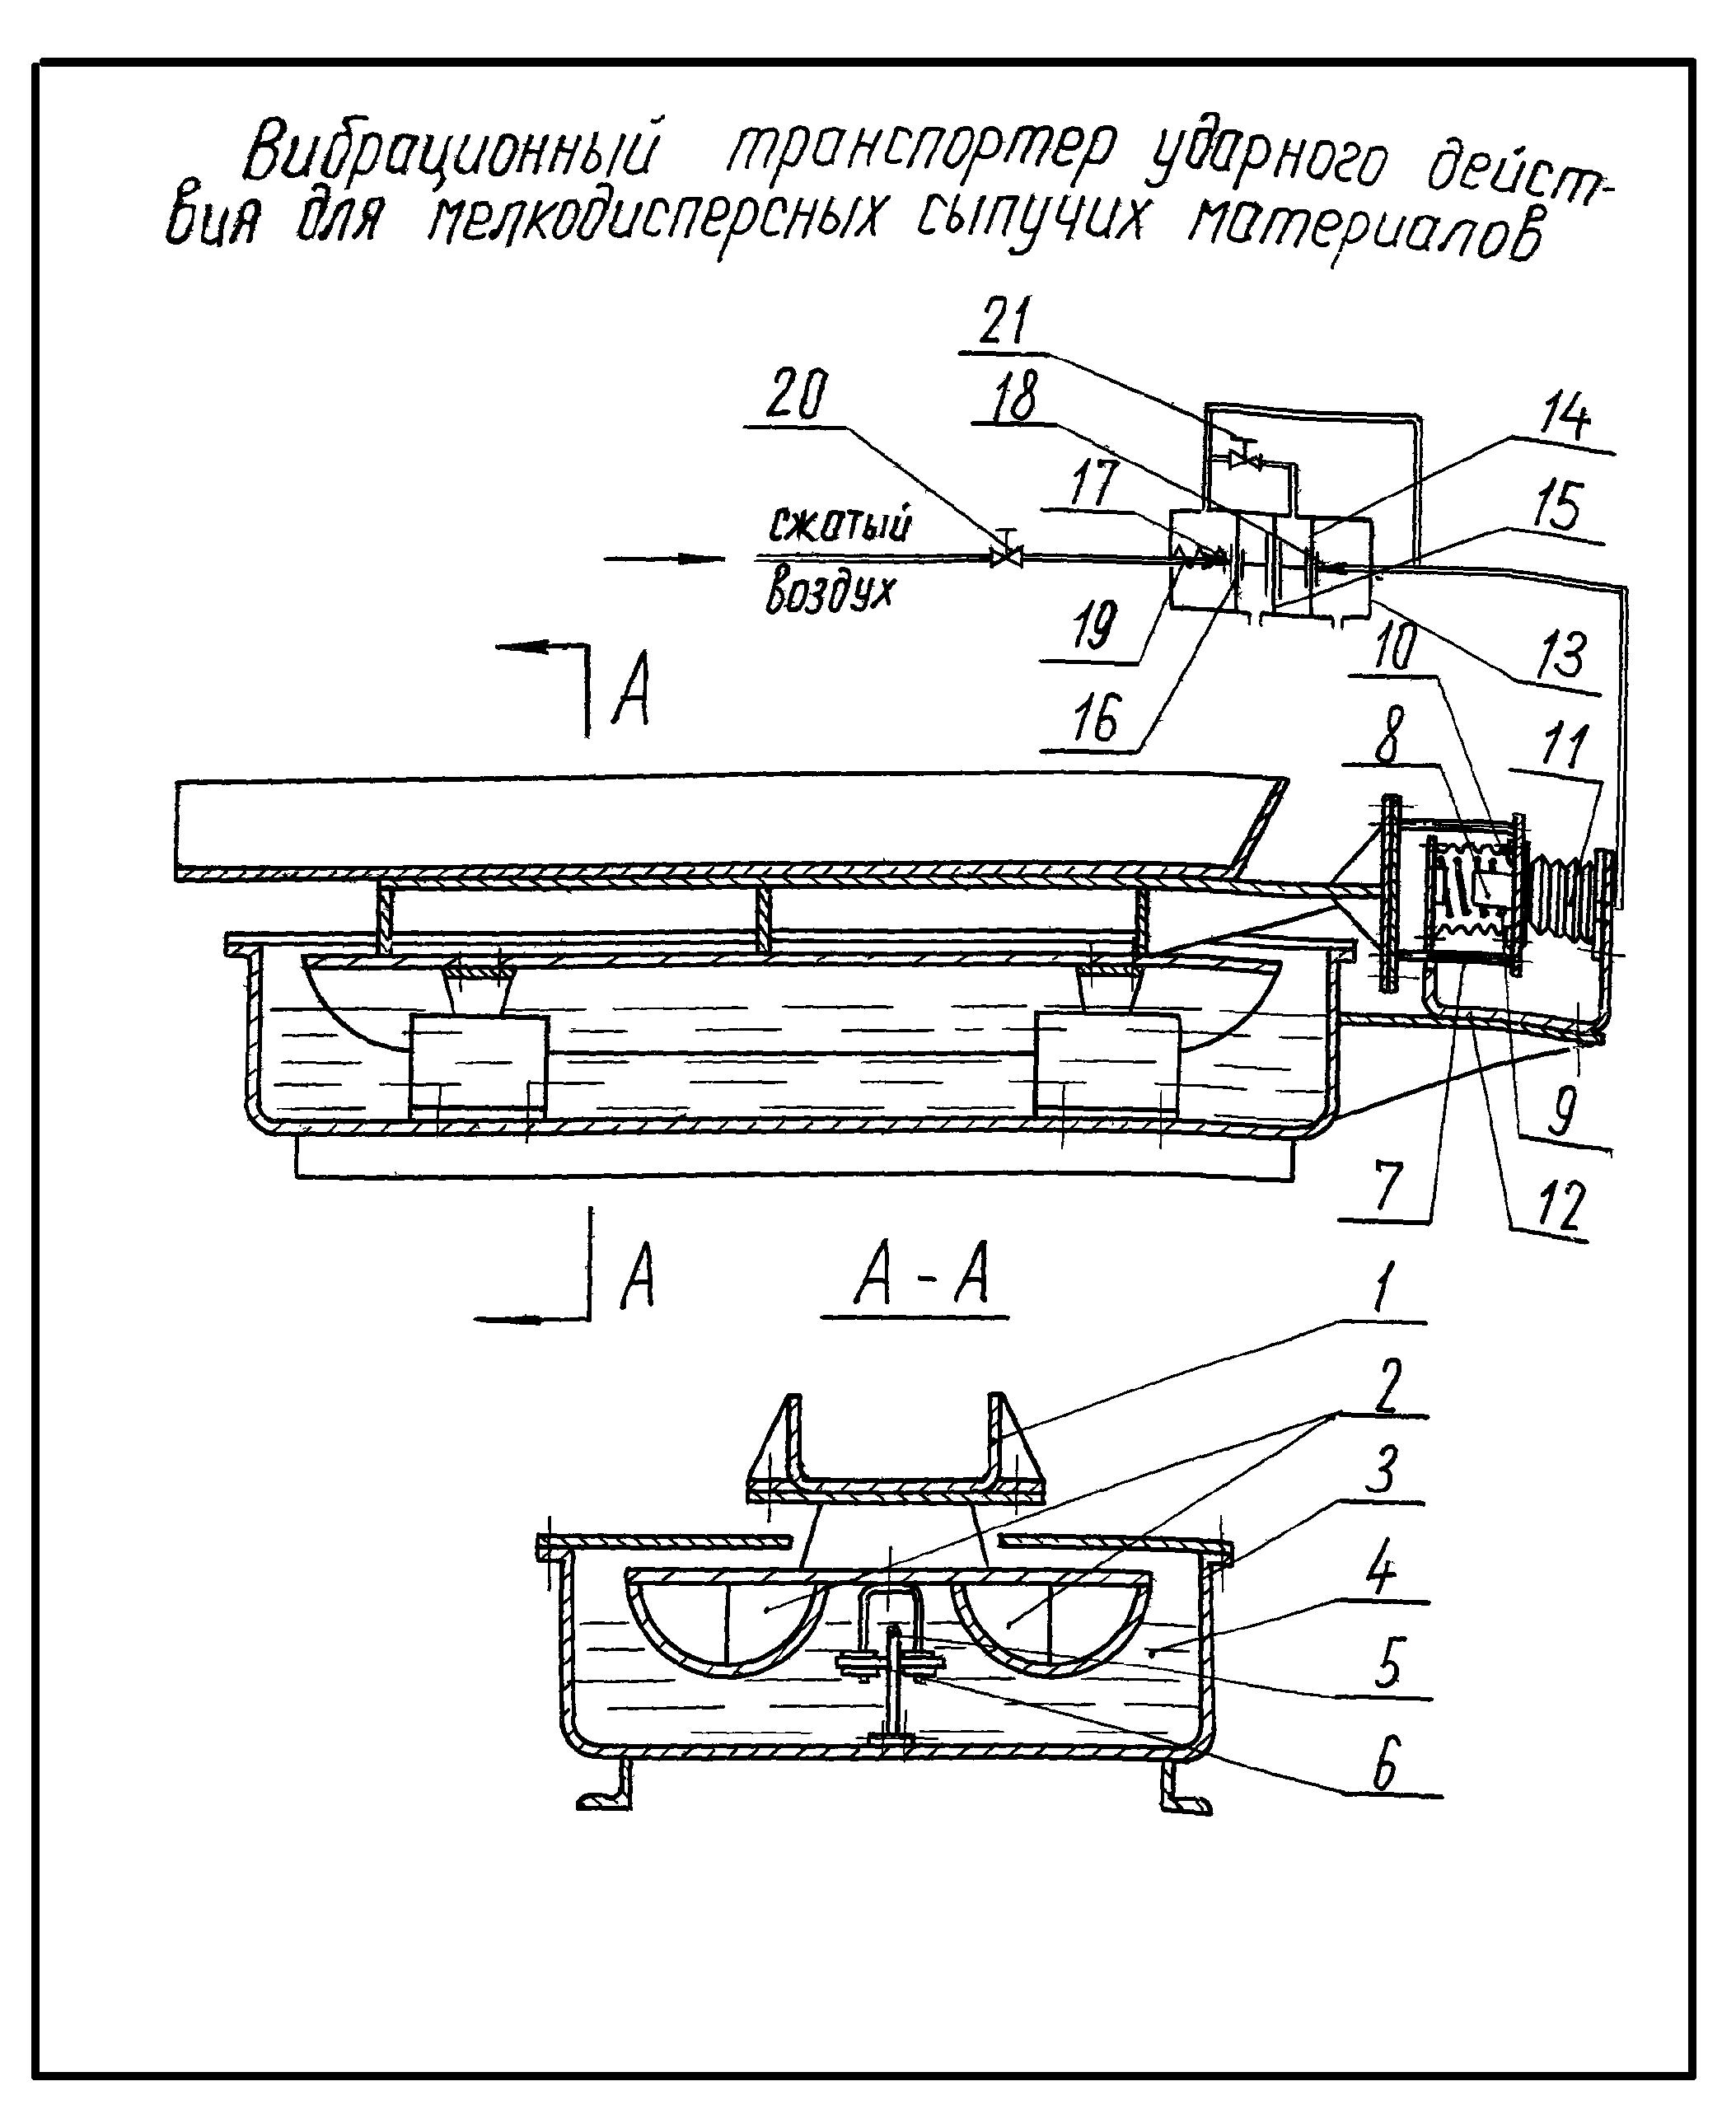 Транспортер вибрационный установка фаркопа транспортер т4